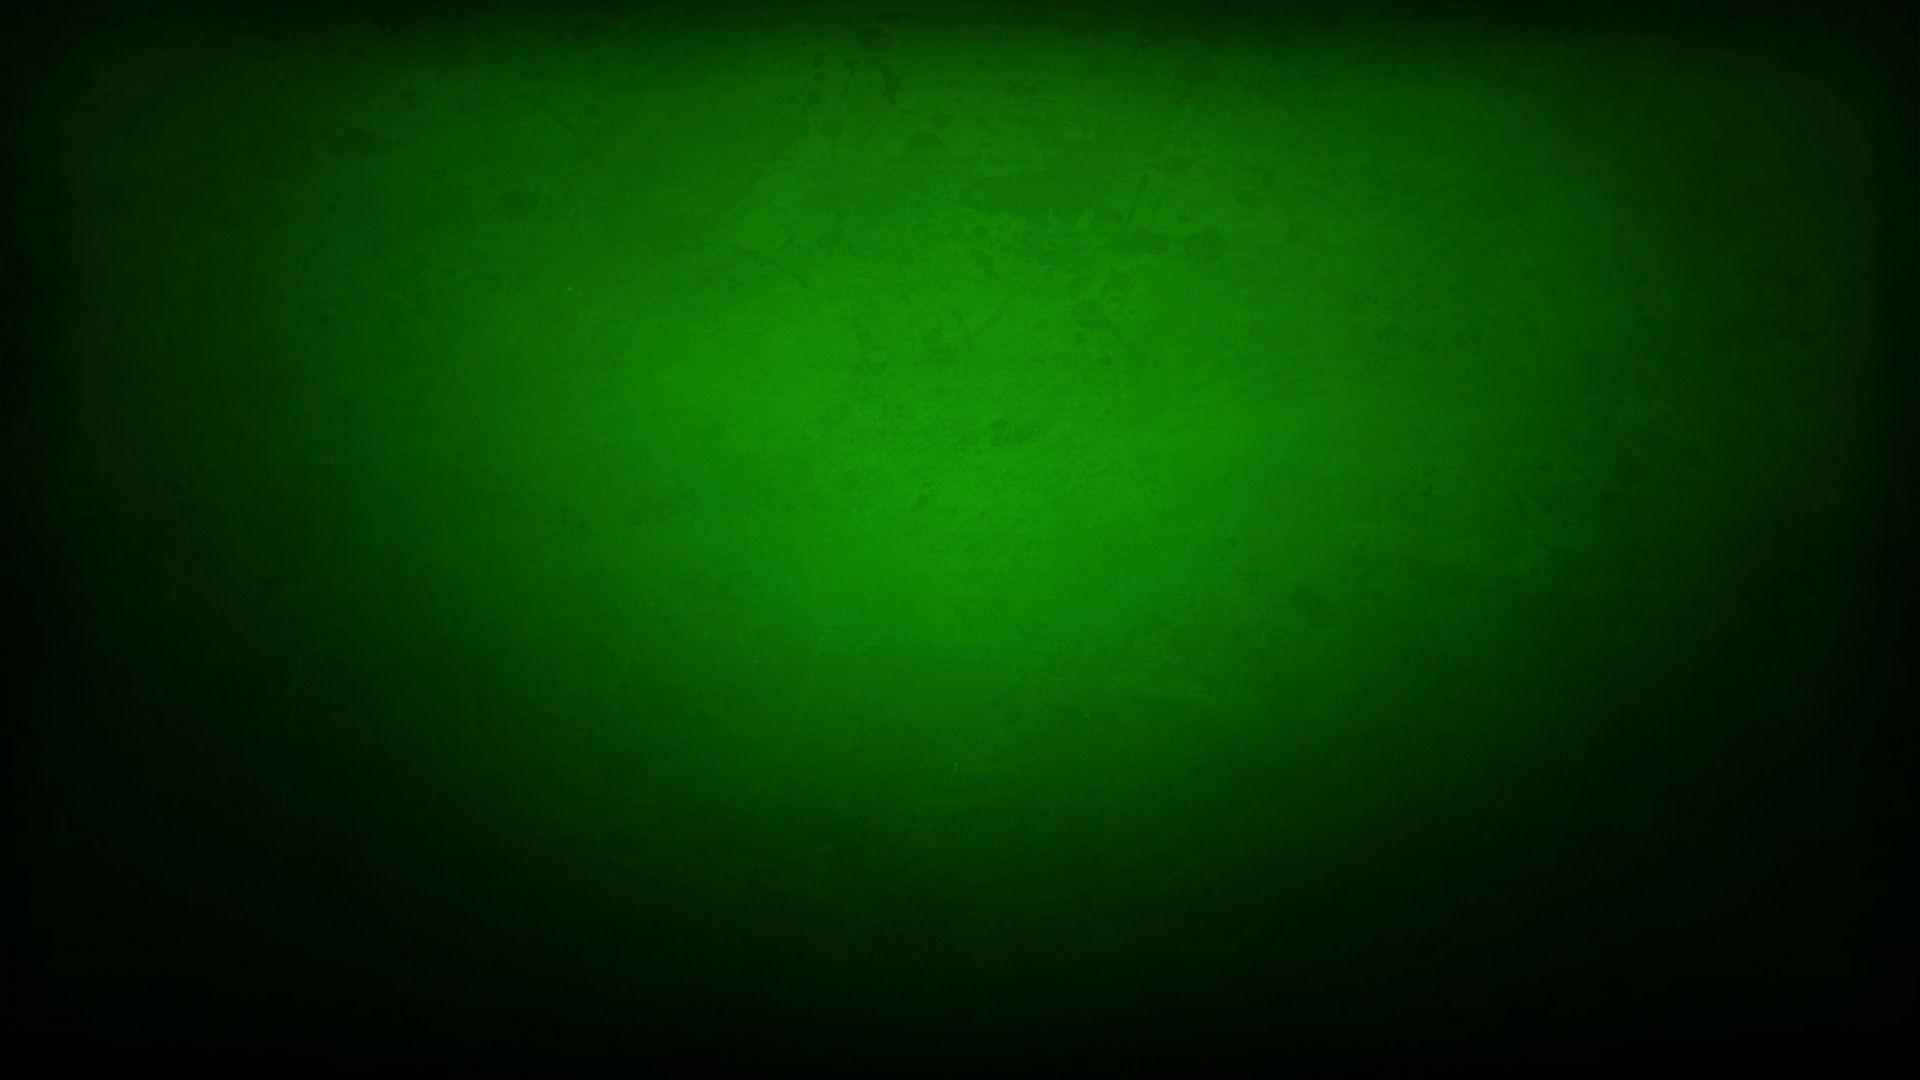 black and green wallpaper R yayapz Black And Green Wallpaper Wallpapers)